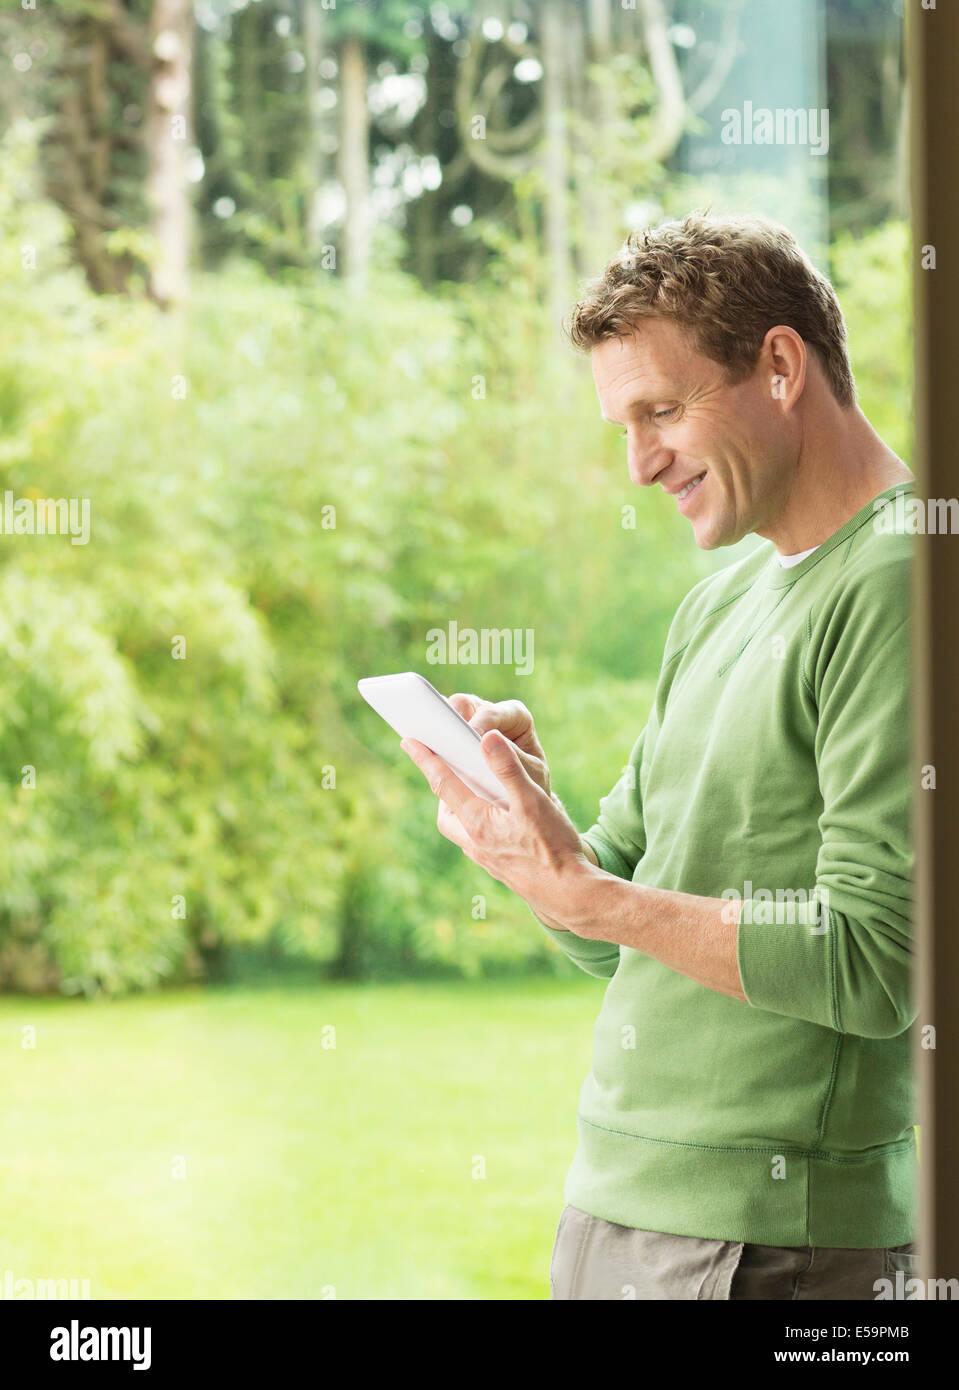 Mann mit digital-Tablette durch Fenster Stockbild